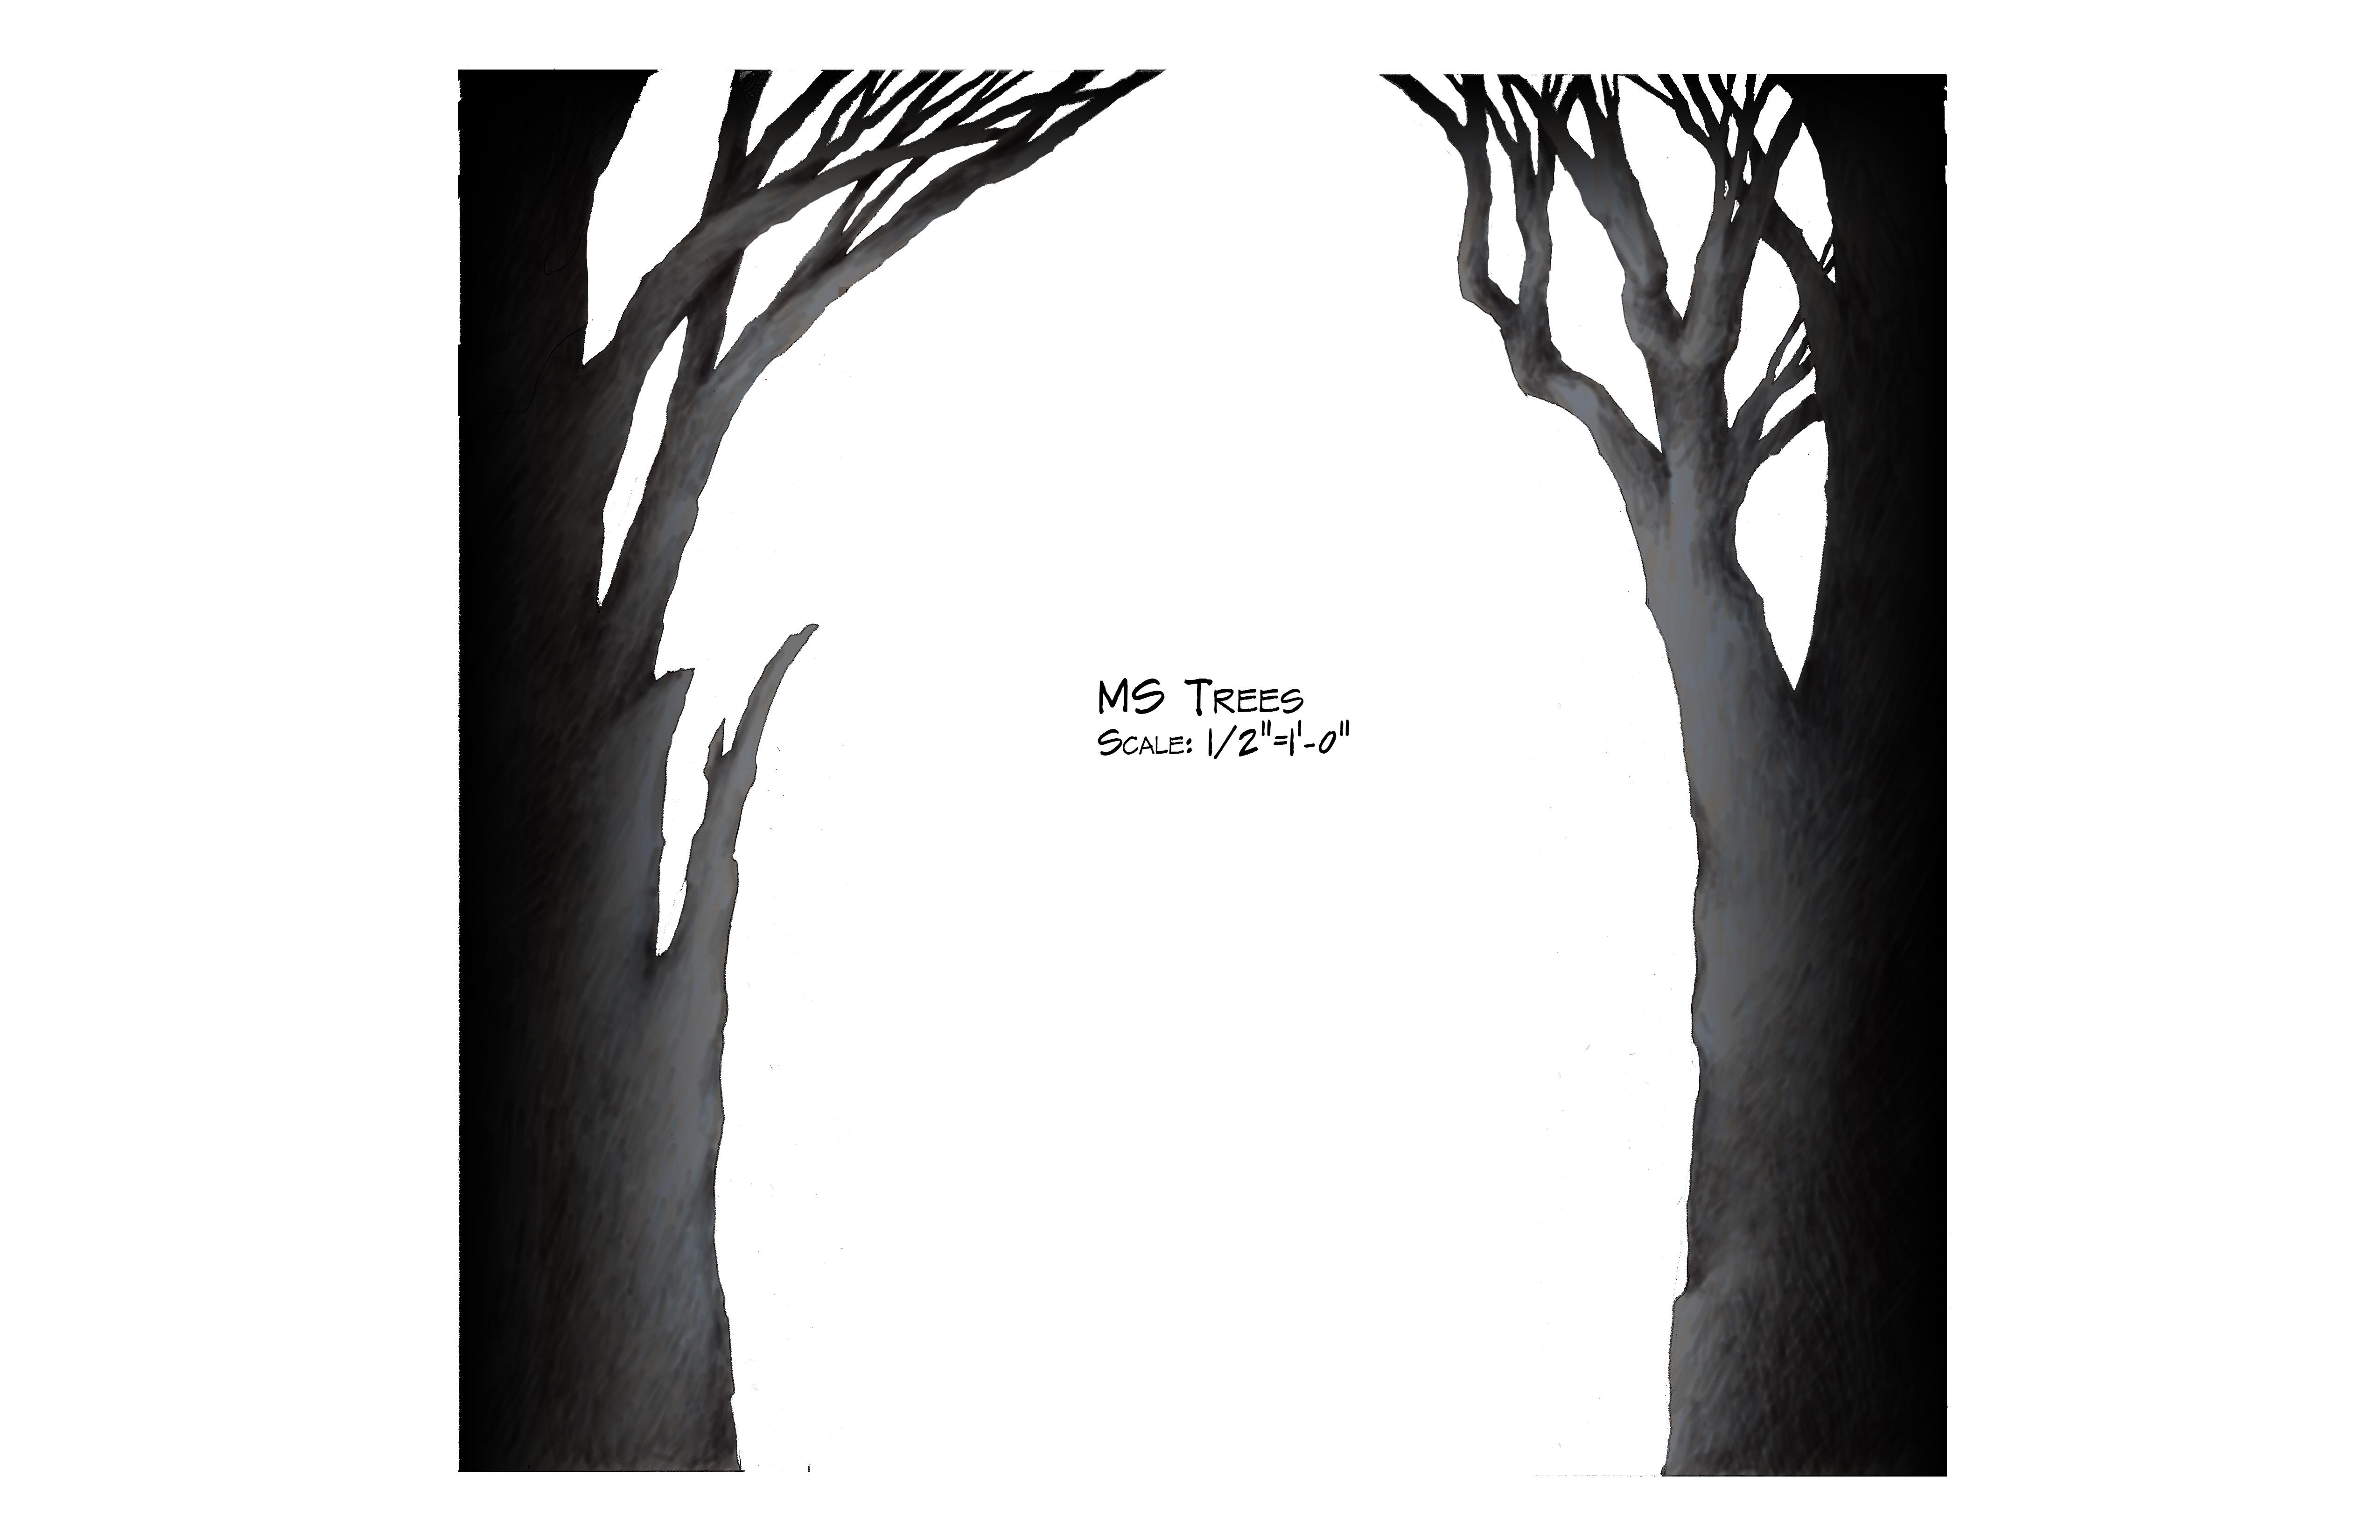 MS Trees